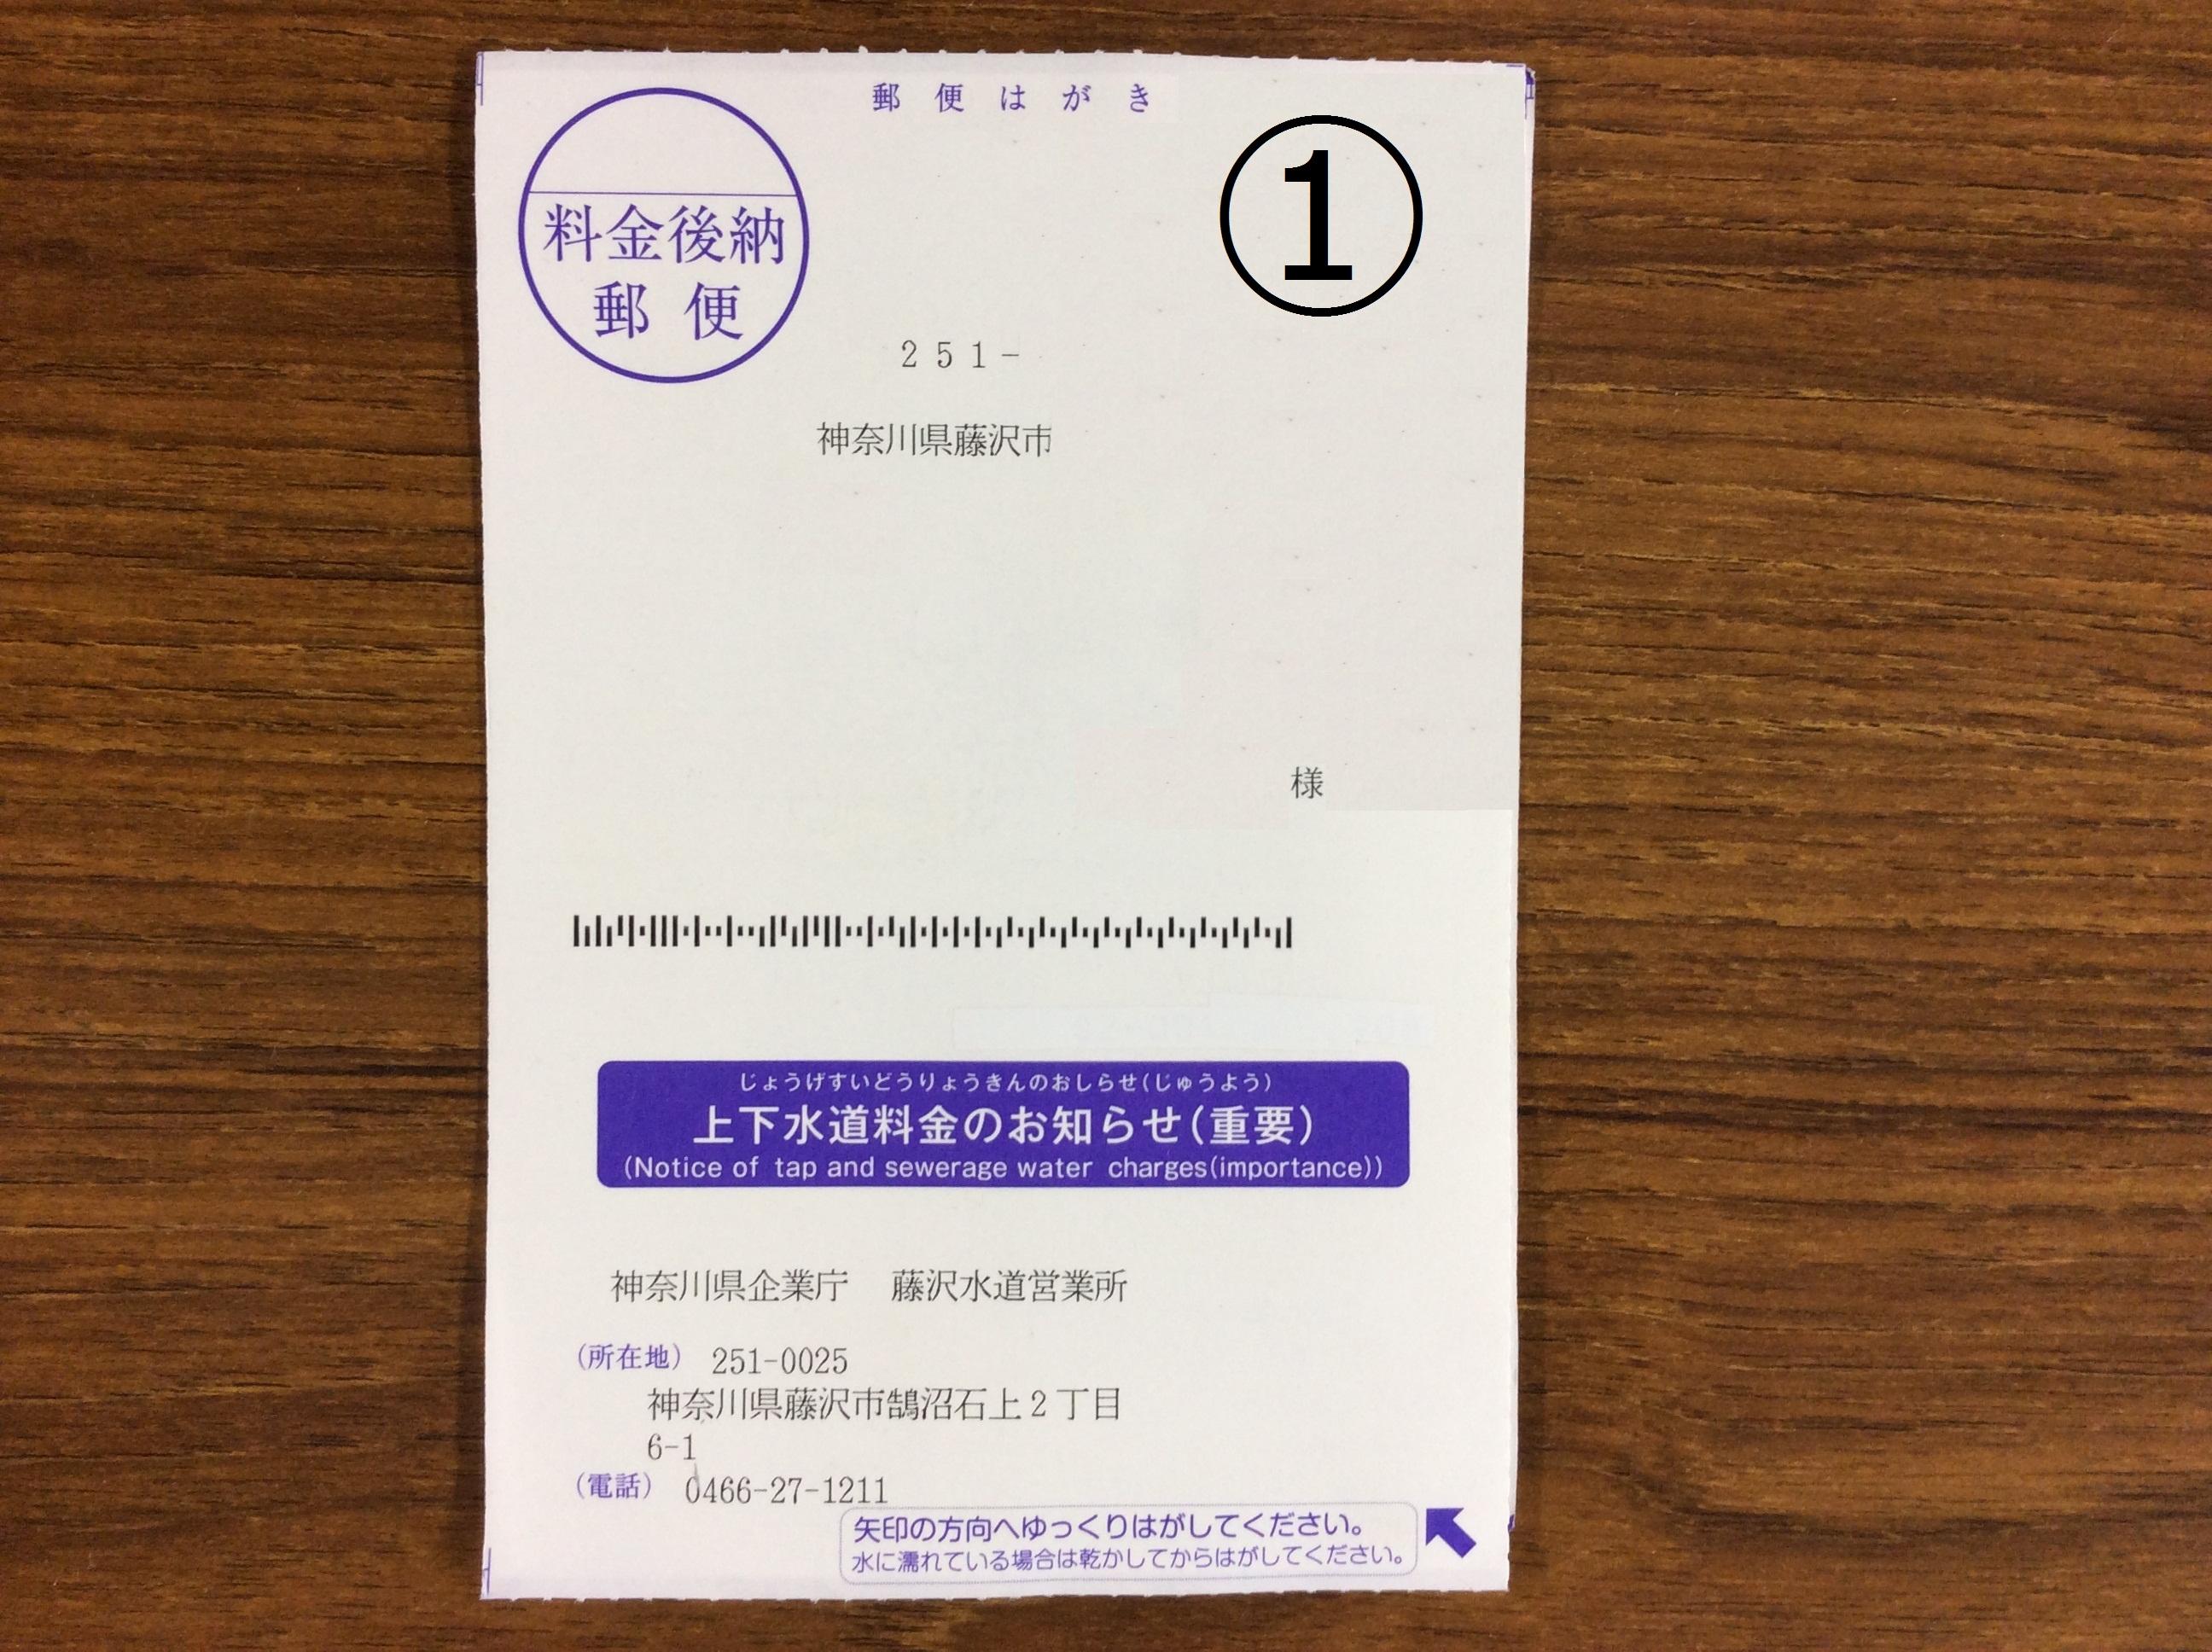 上下水道料金の二重払いにご注意下さい! - 神奈川県ホームページ